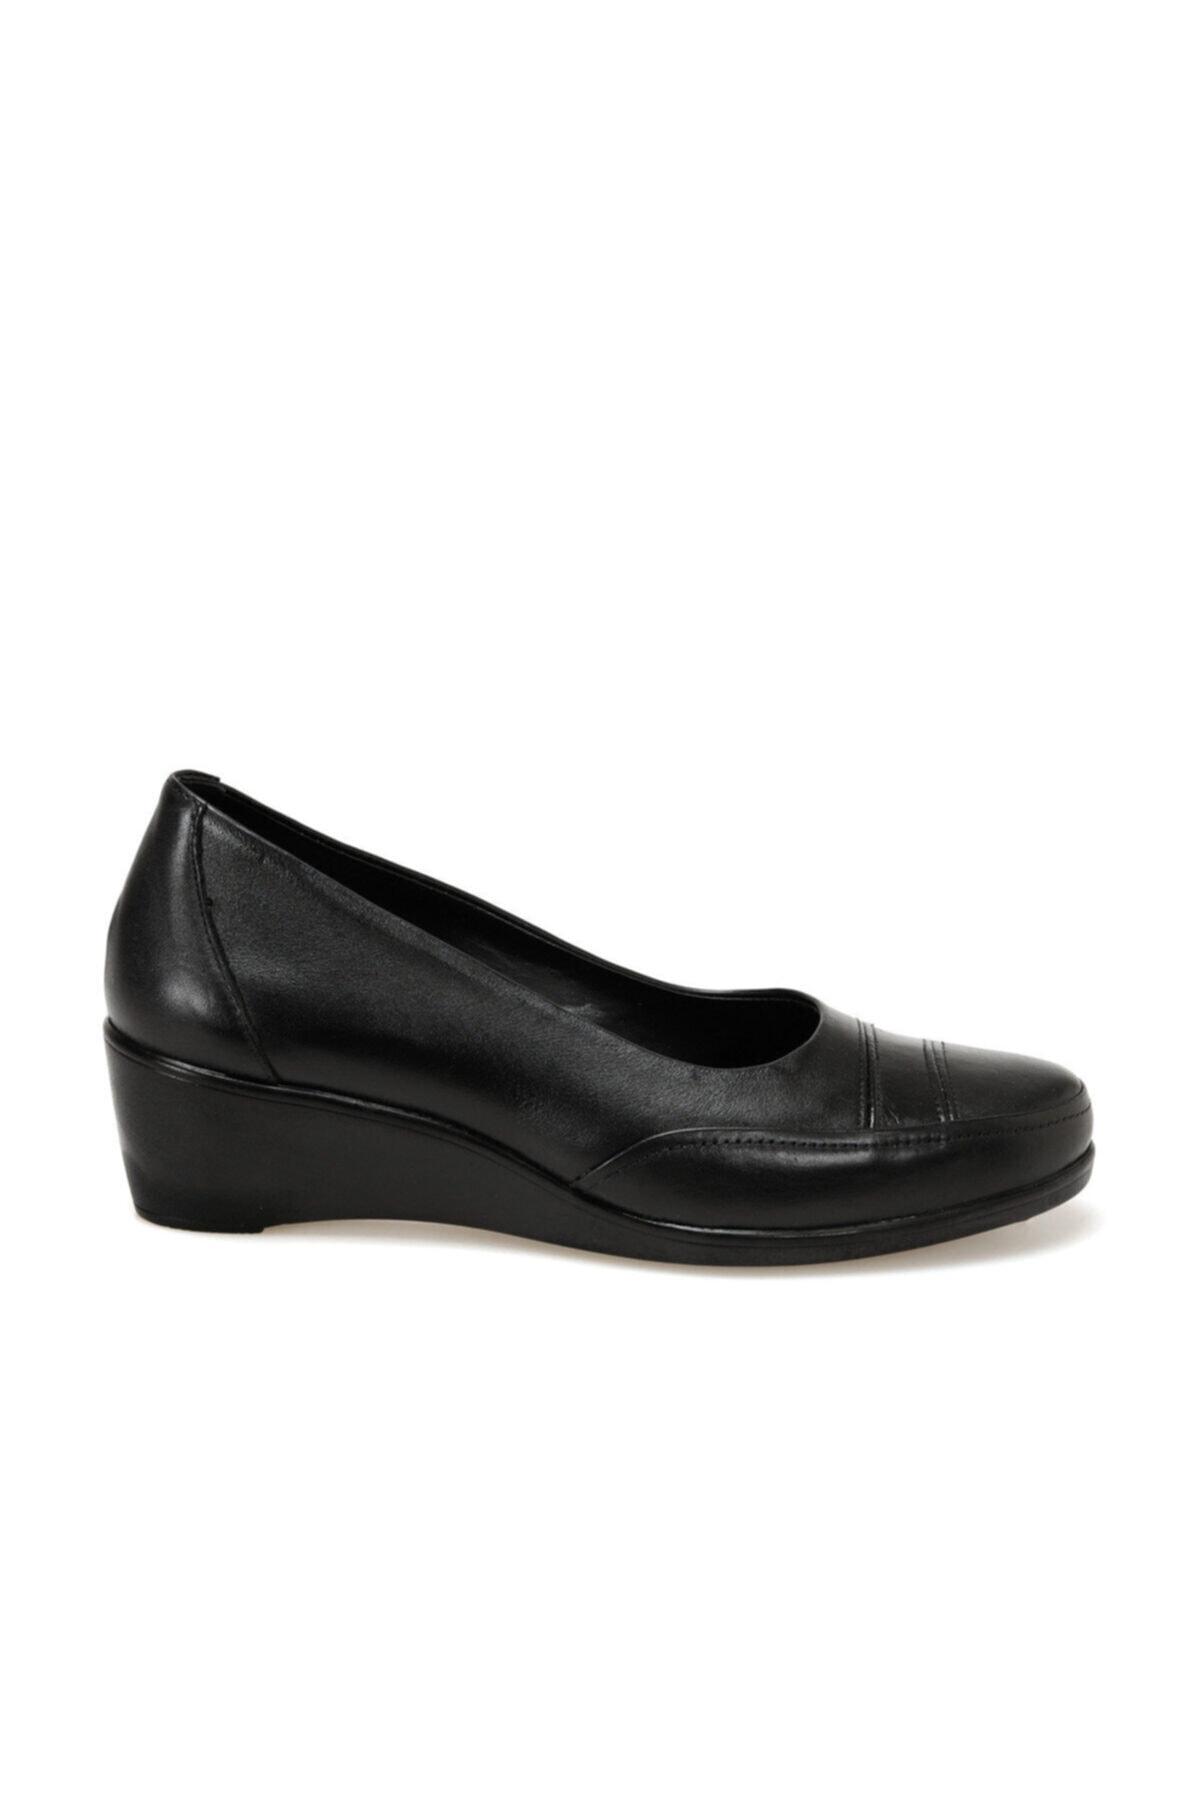 Polaris 5 Nokta 103151.Z Siyah Kadın Comfort Ayakkabı 100555185 2